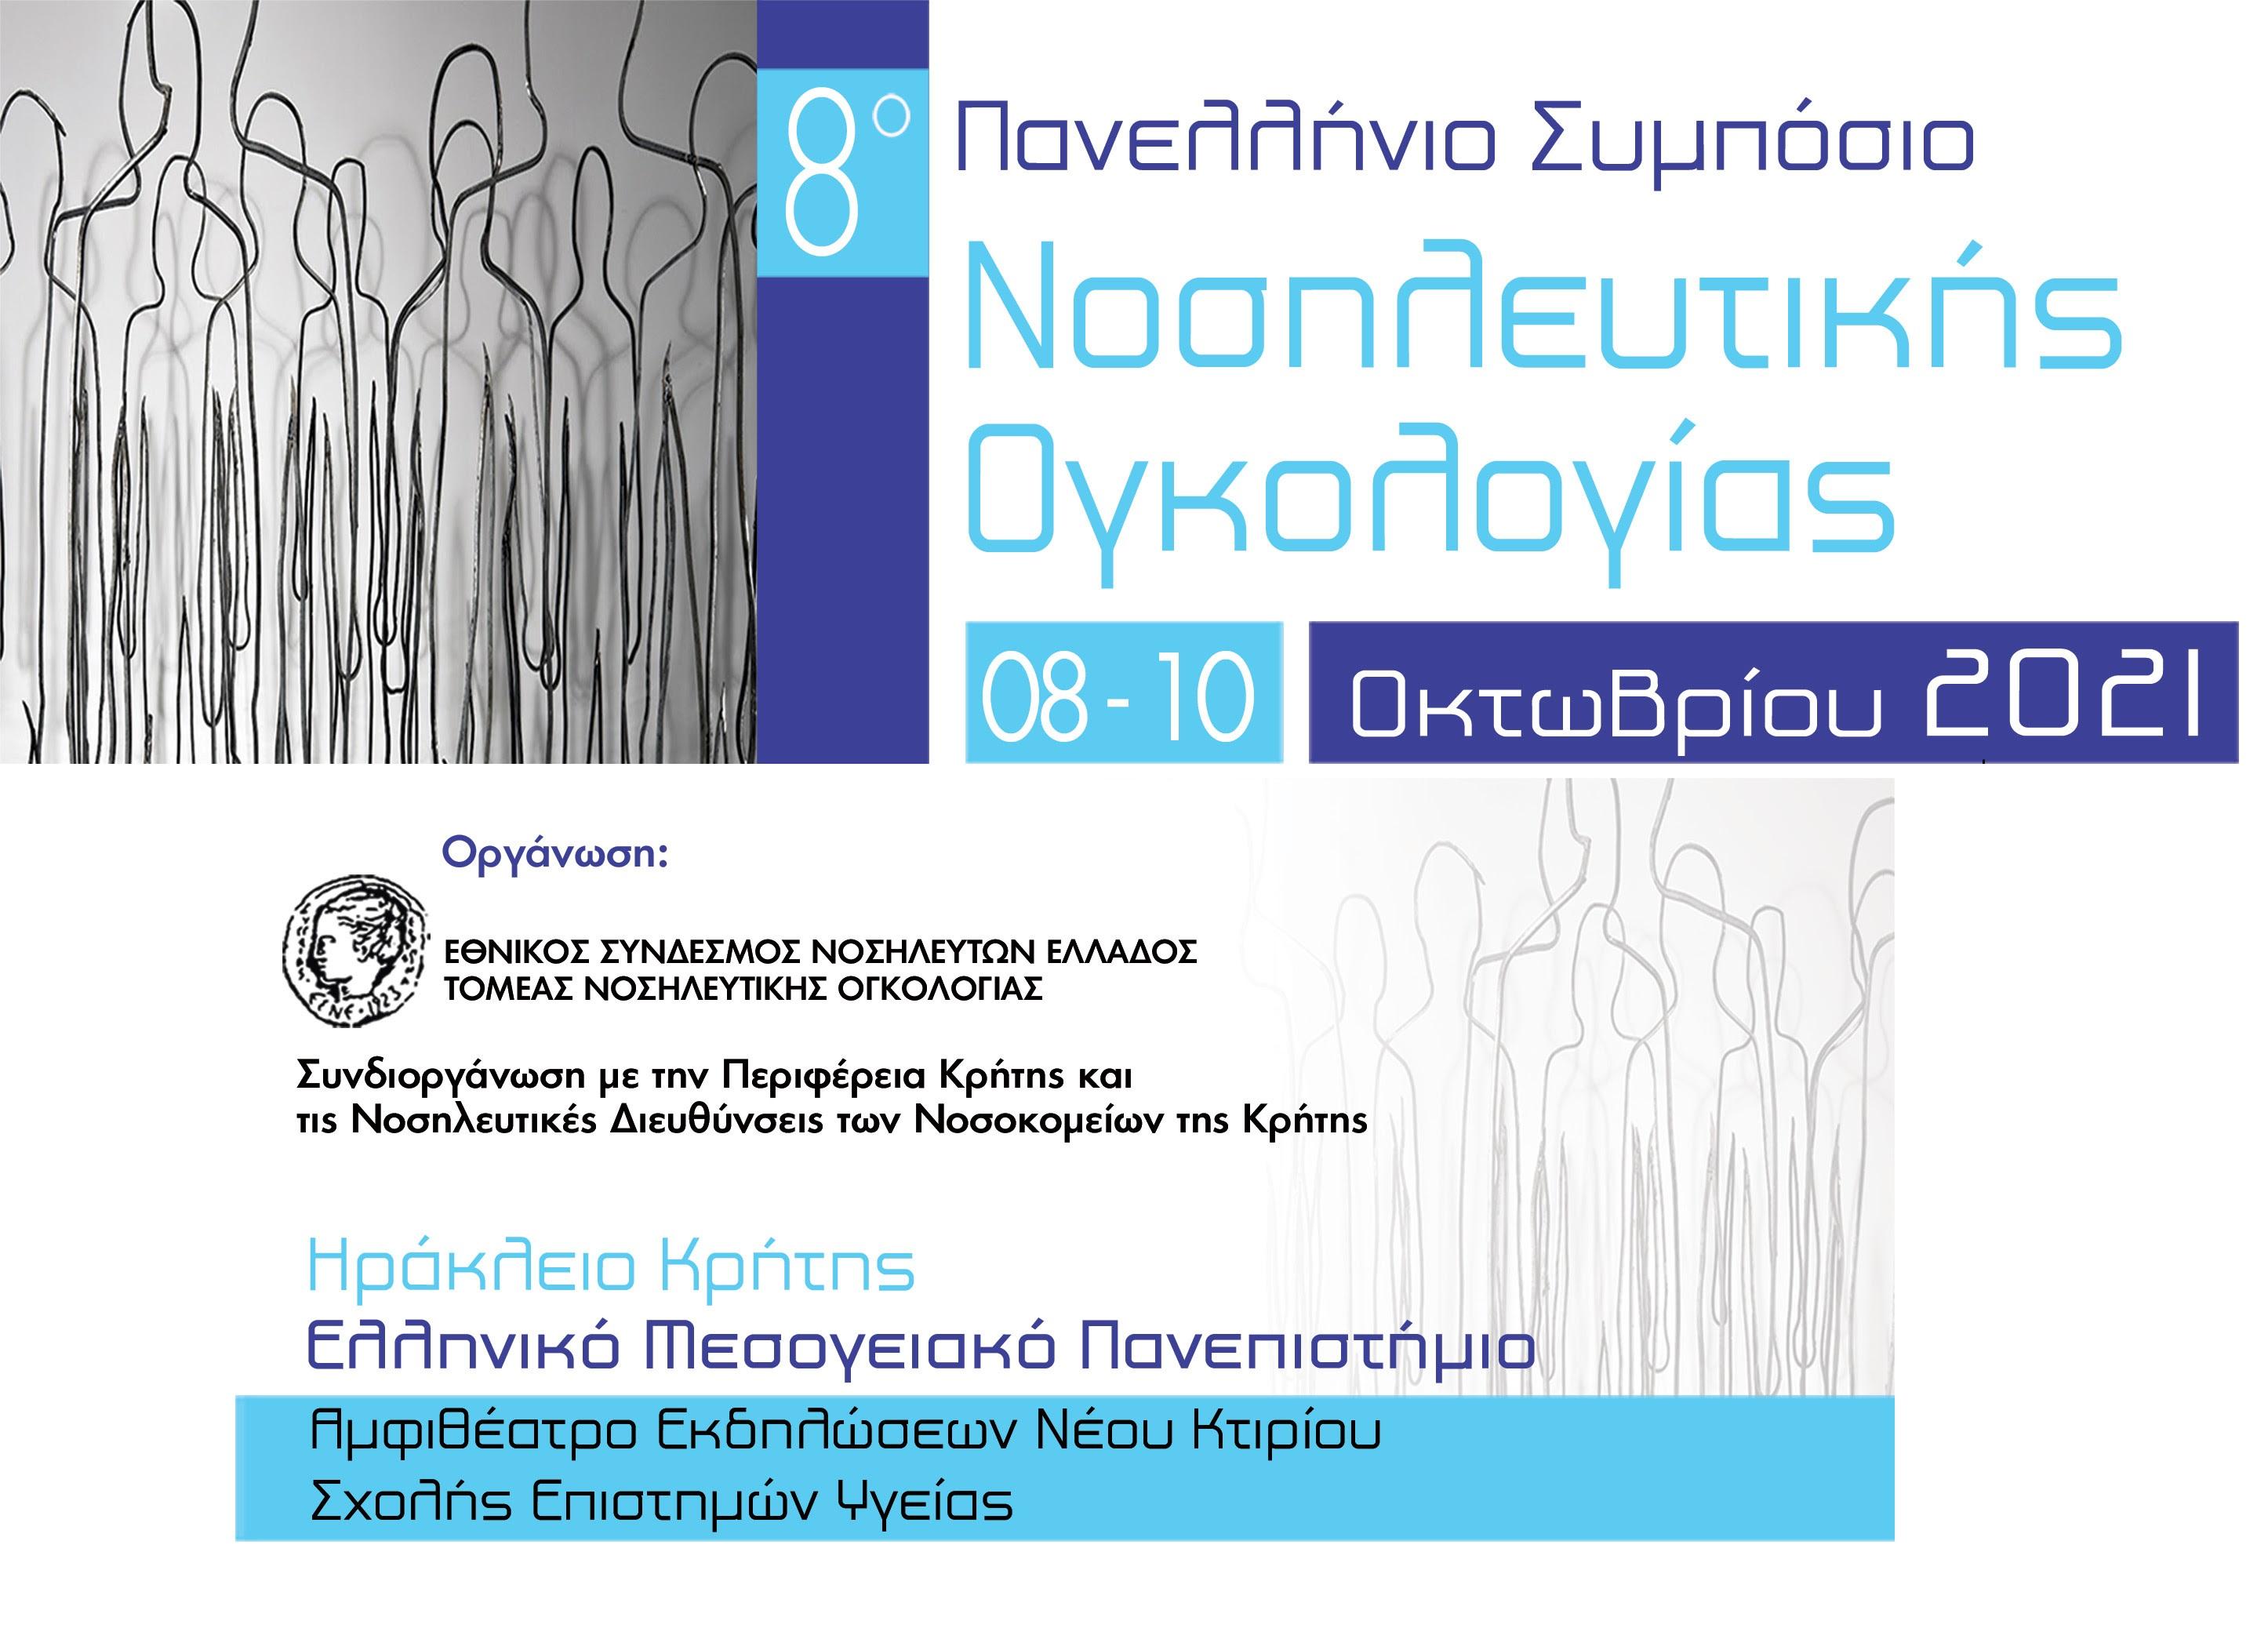 8⁰ Πανελλήνιο Συμπόσιο Νοσηλευτικής Ογκολογίας - Παράταση προθεσμιών